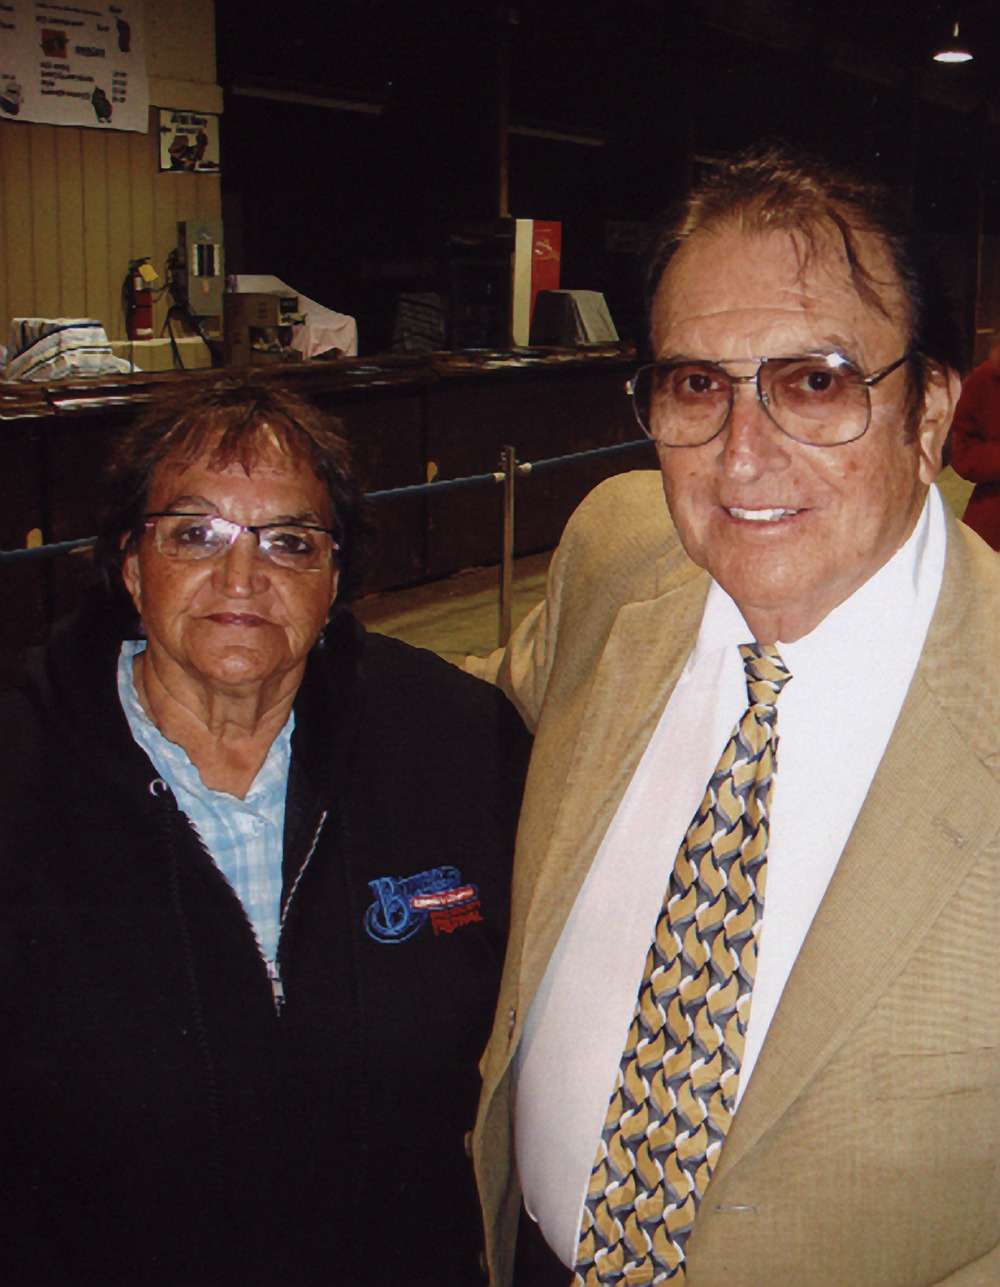 2007 - Mrs. Edna Sinclair with Bobby Osborne